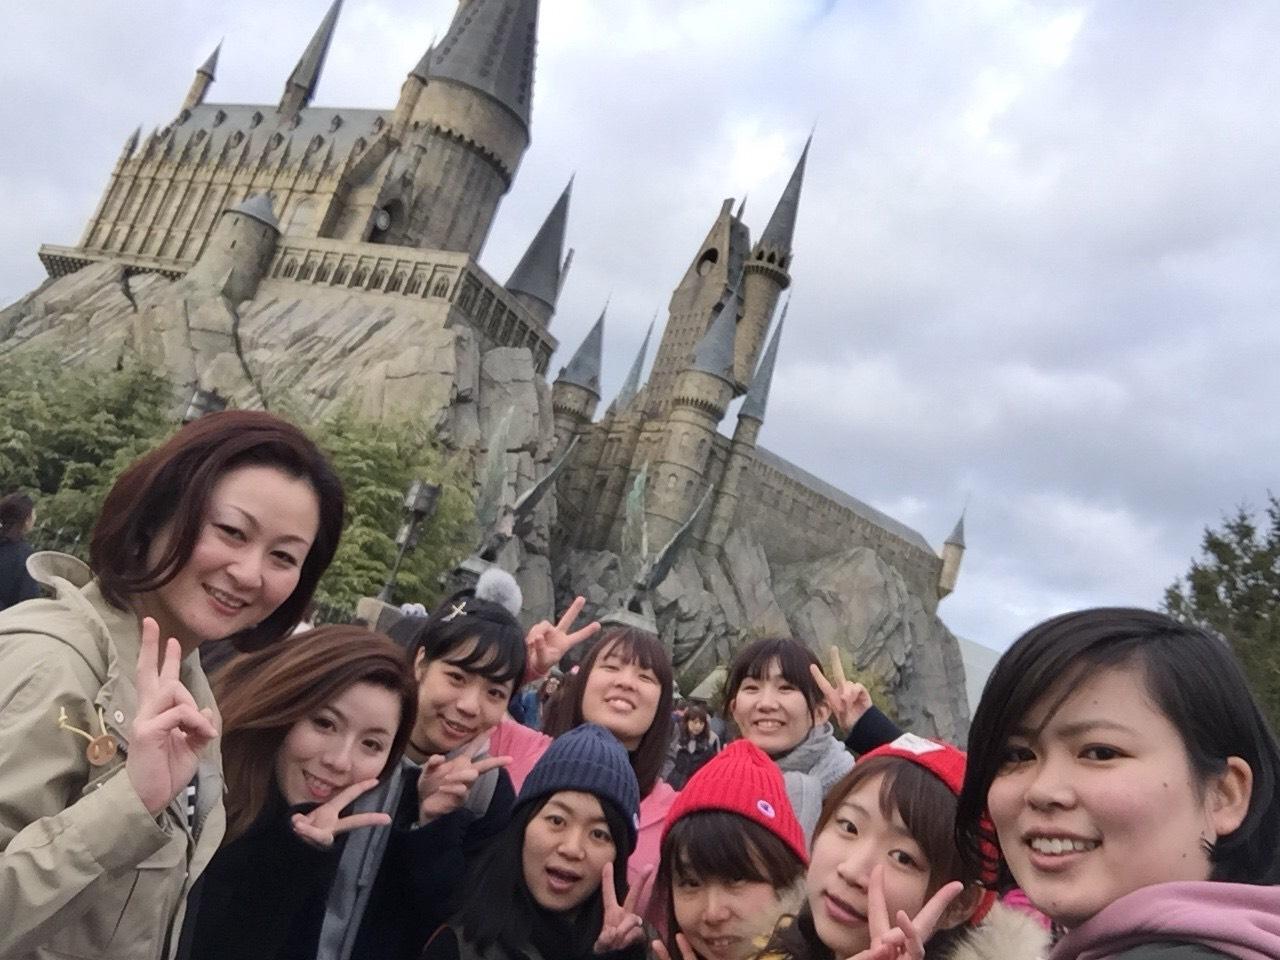 アキヨシスタッフの休日②のイメージ